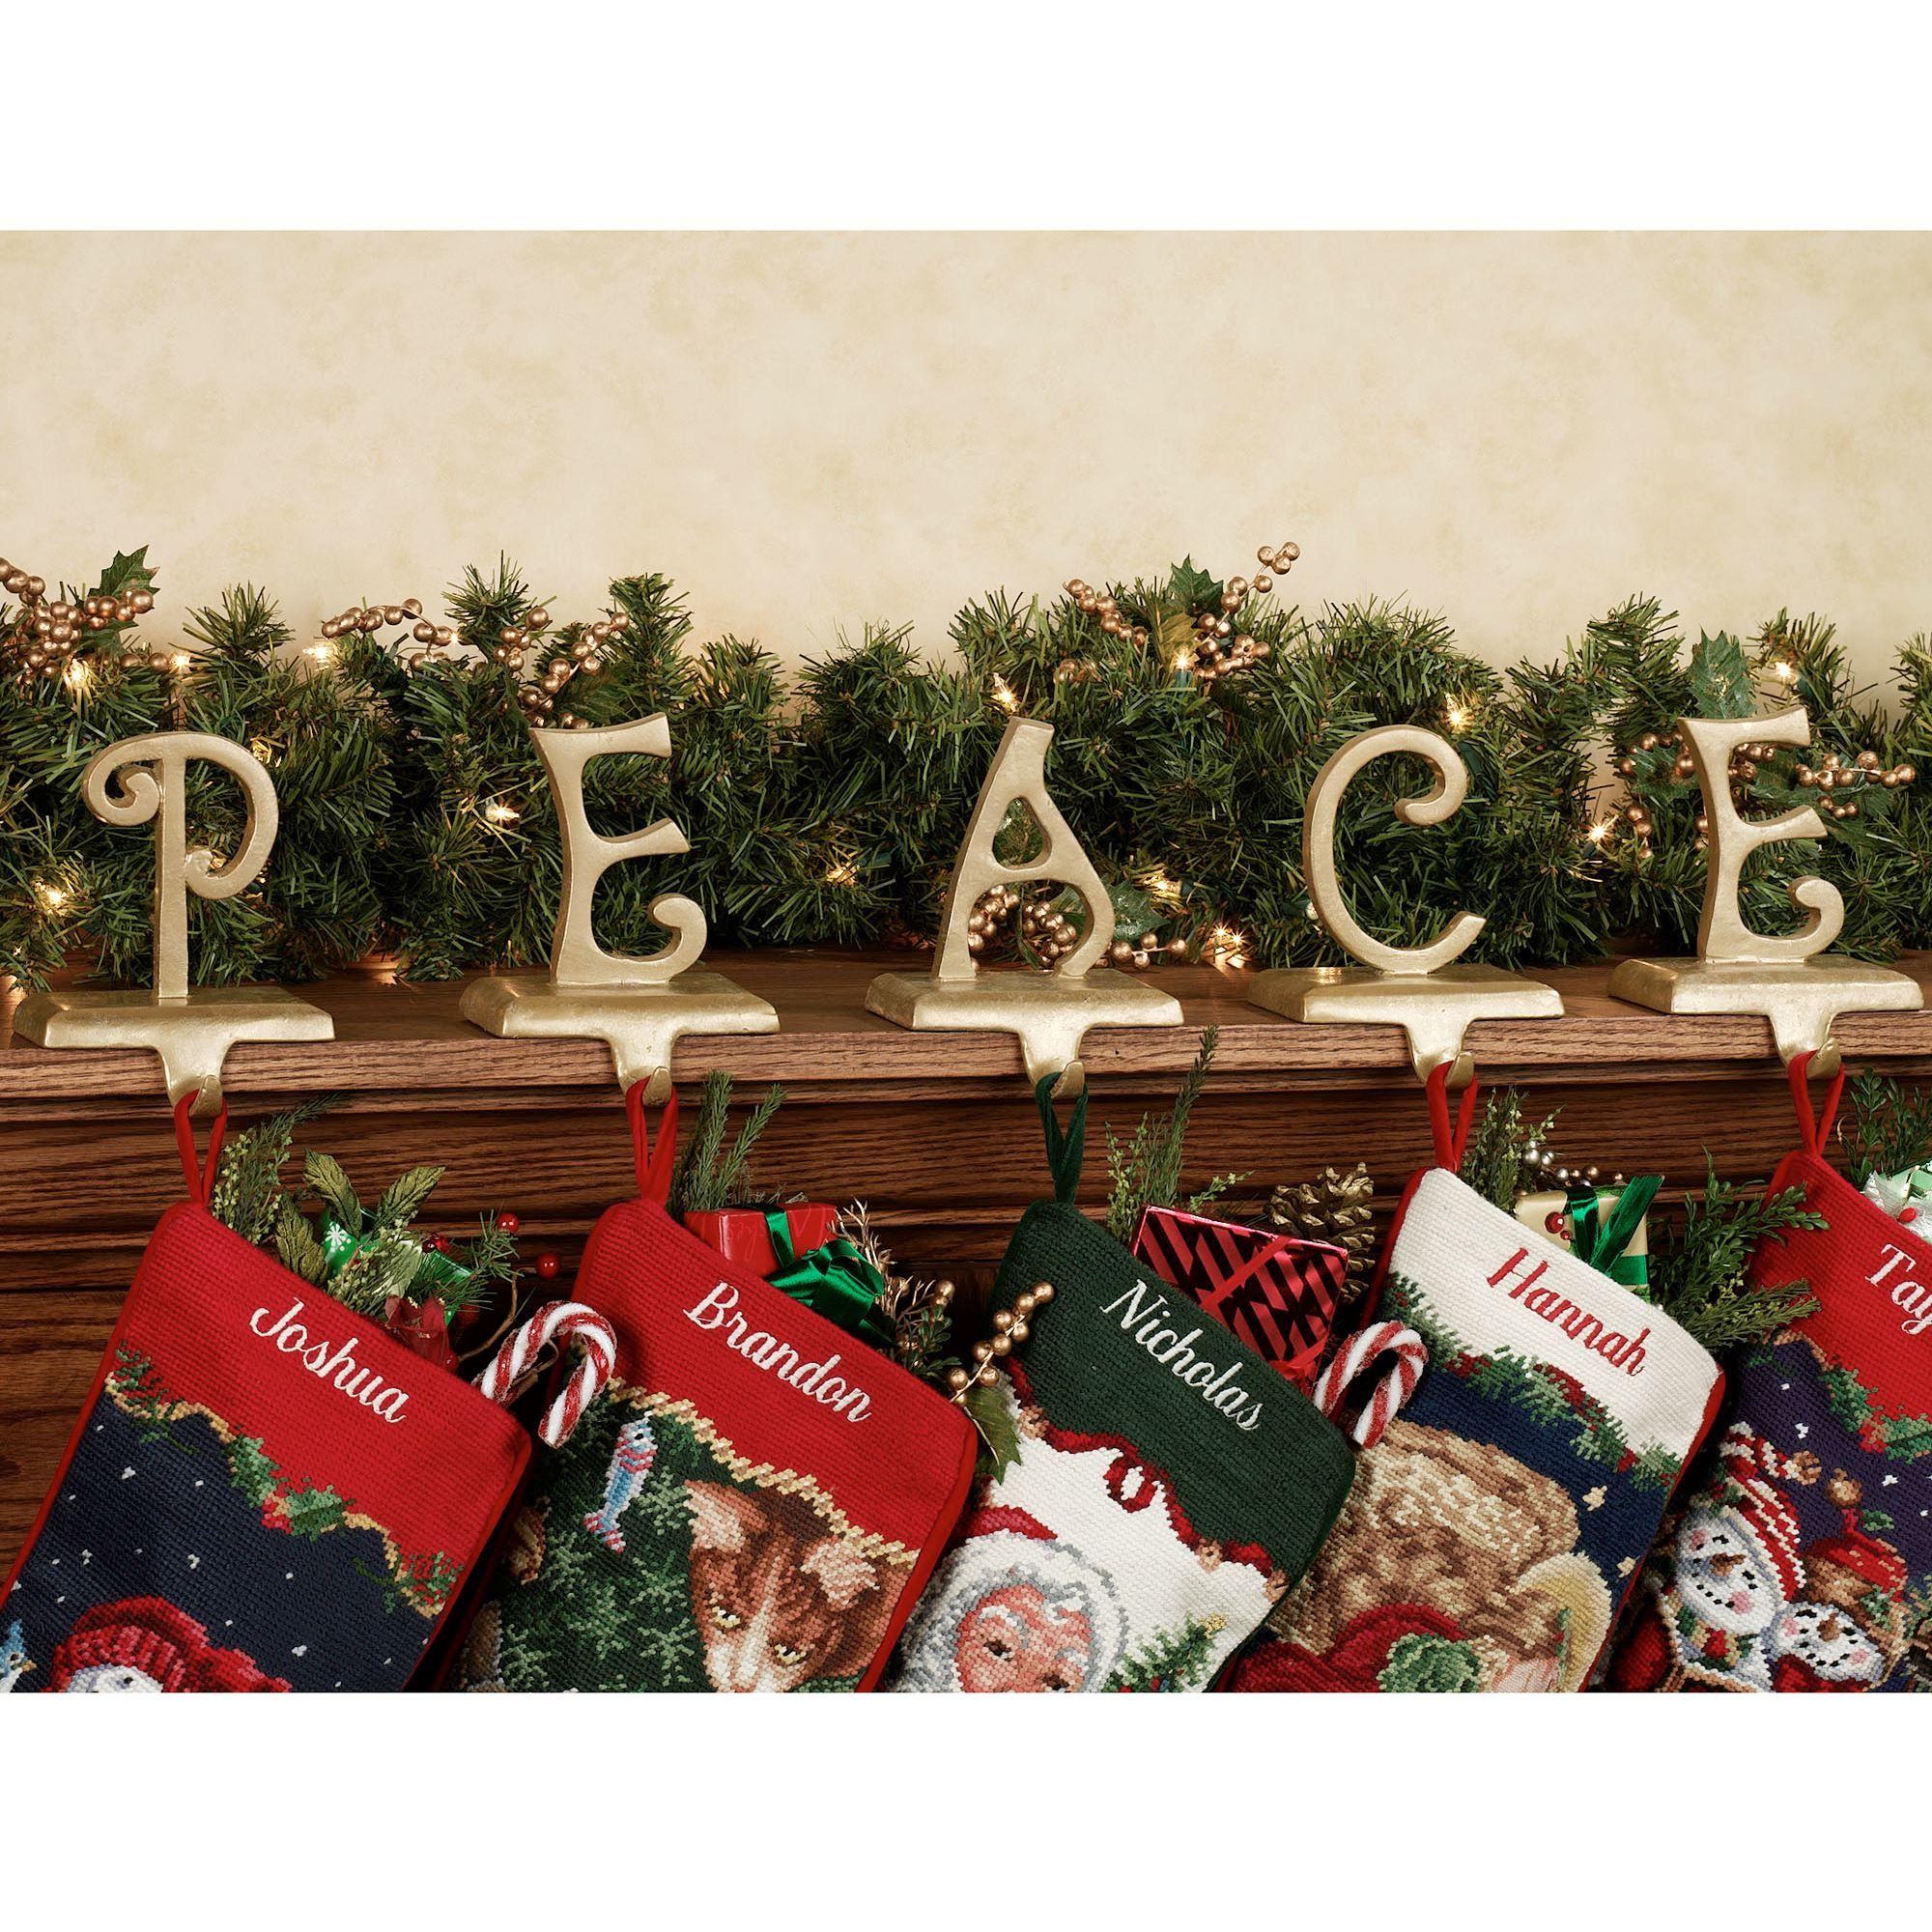 j o y stocking holder set - Decorative Christmas Stocking Holders